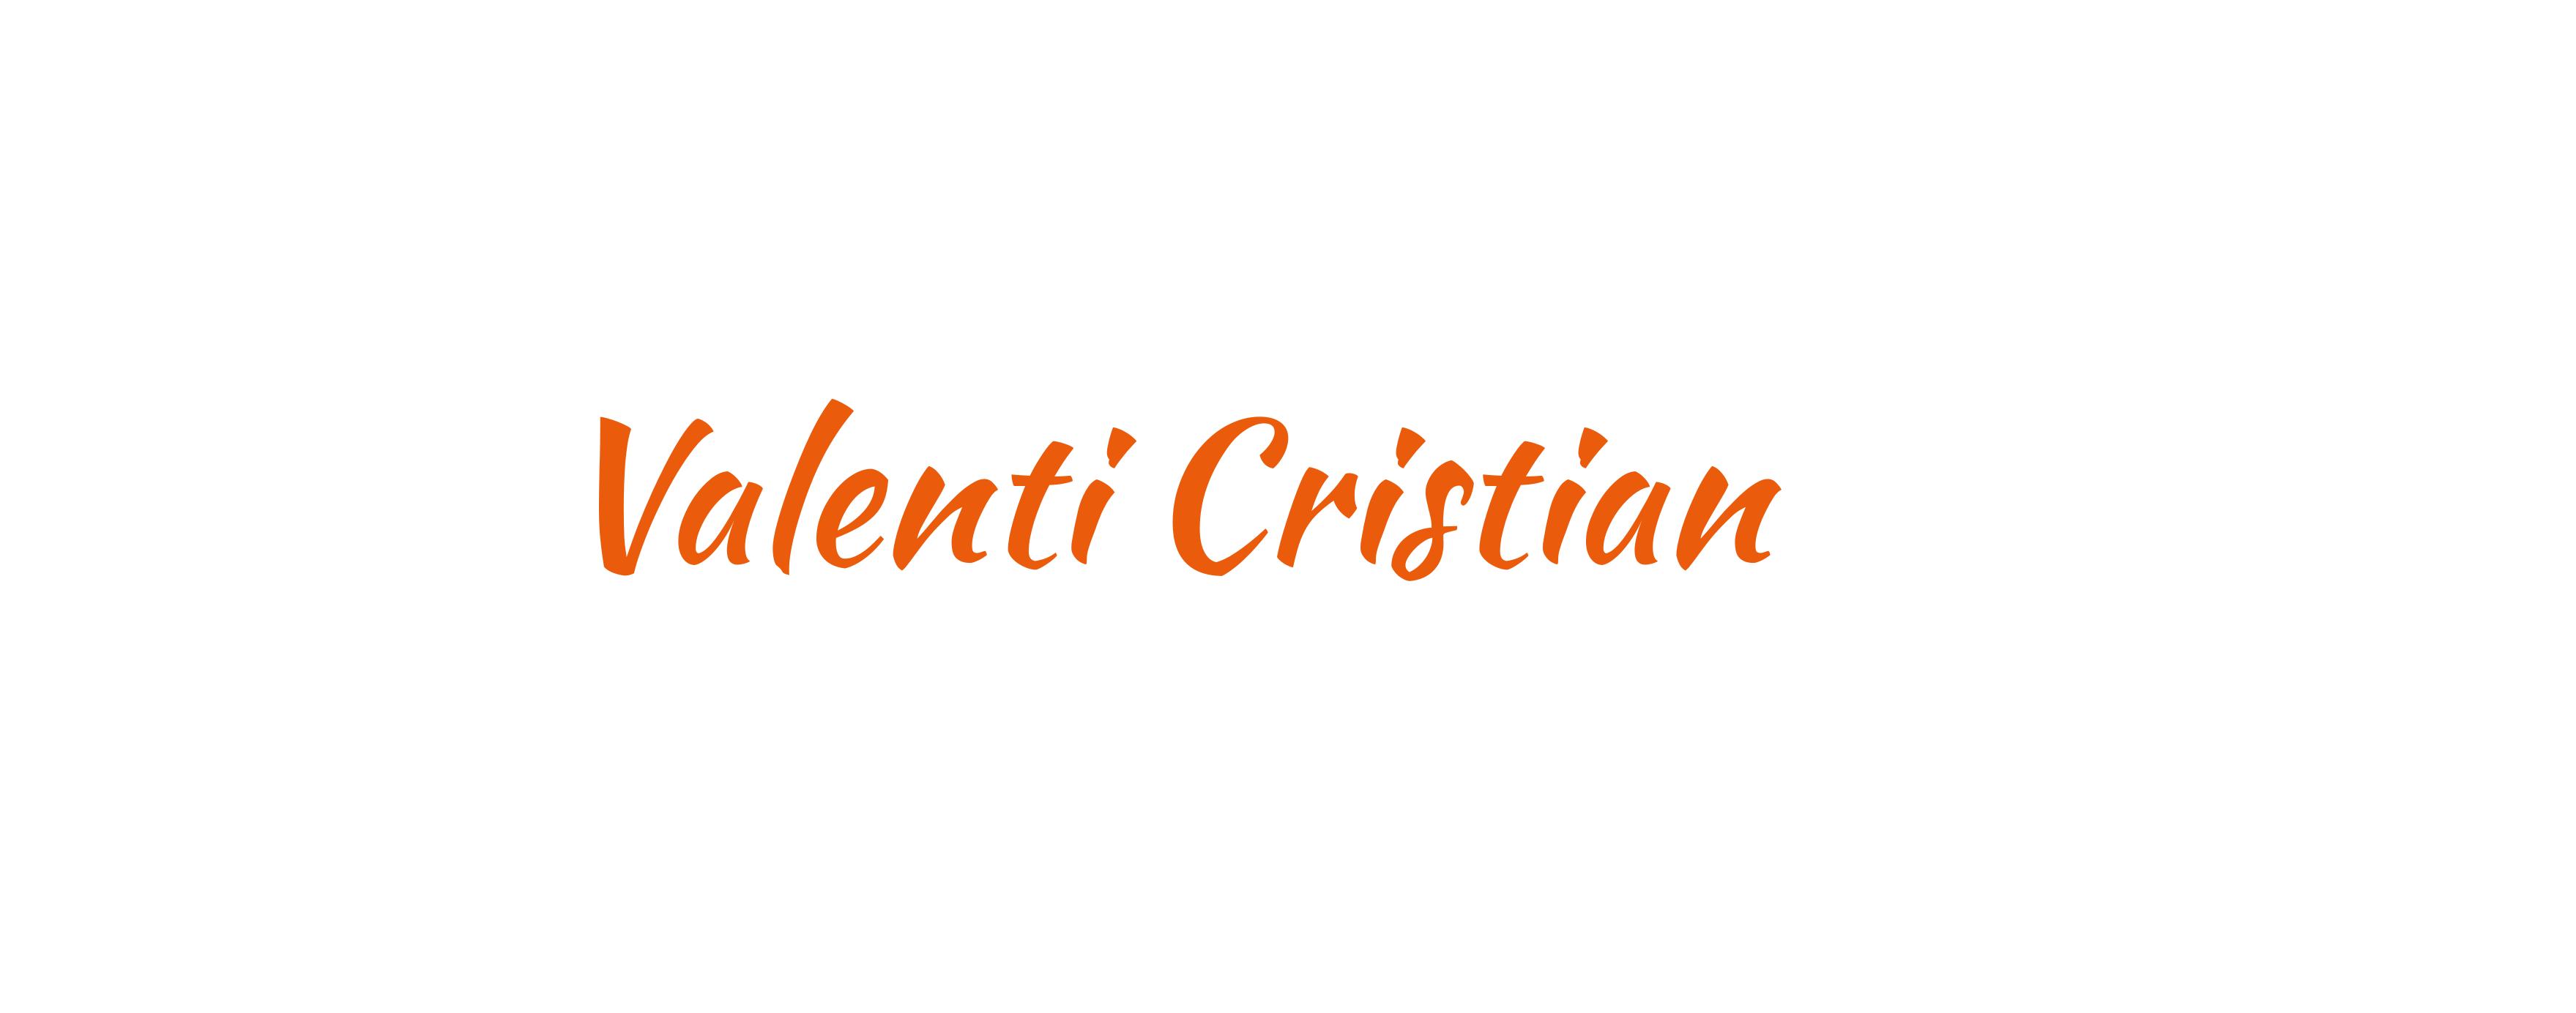 valenti cristian